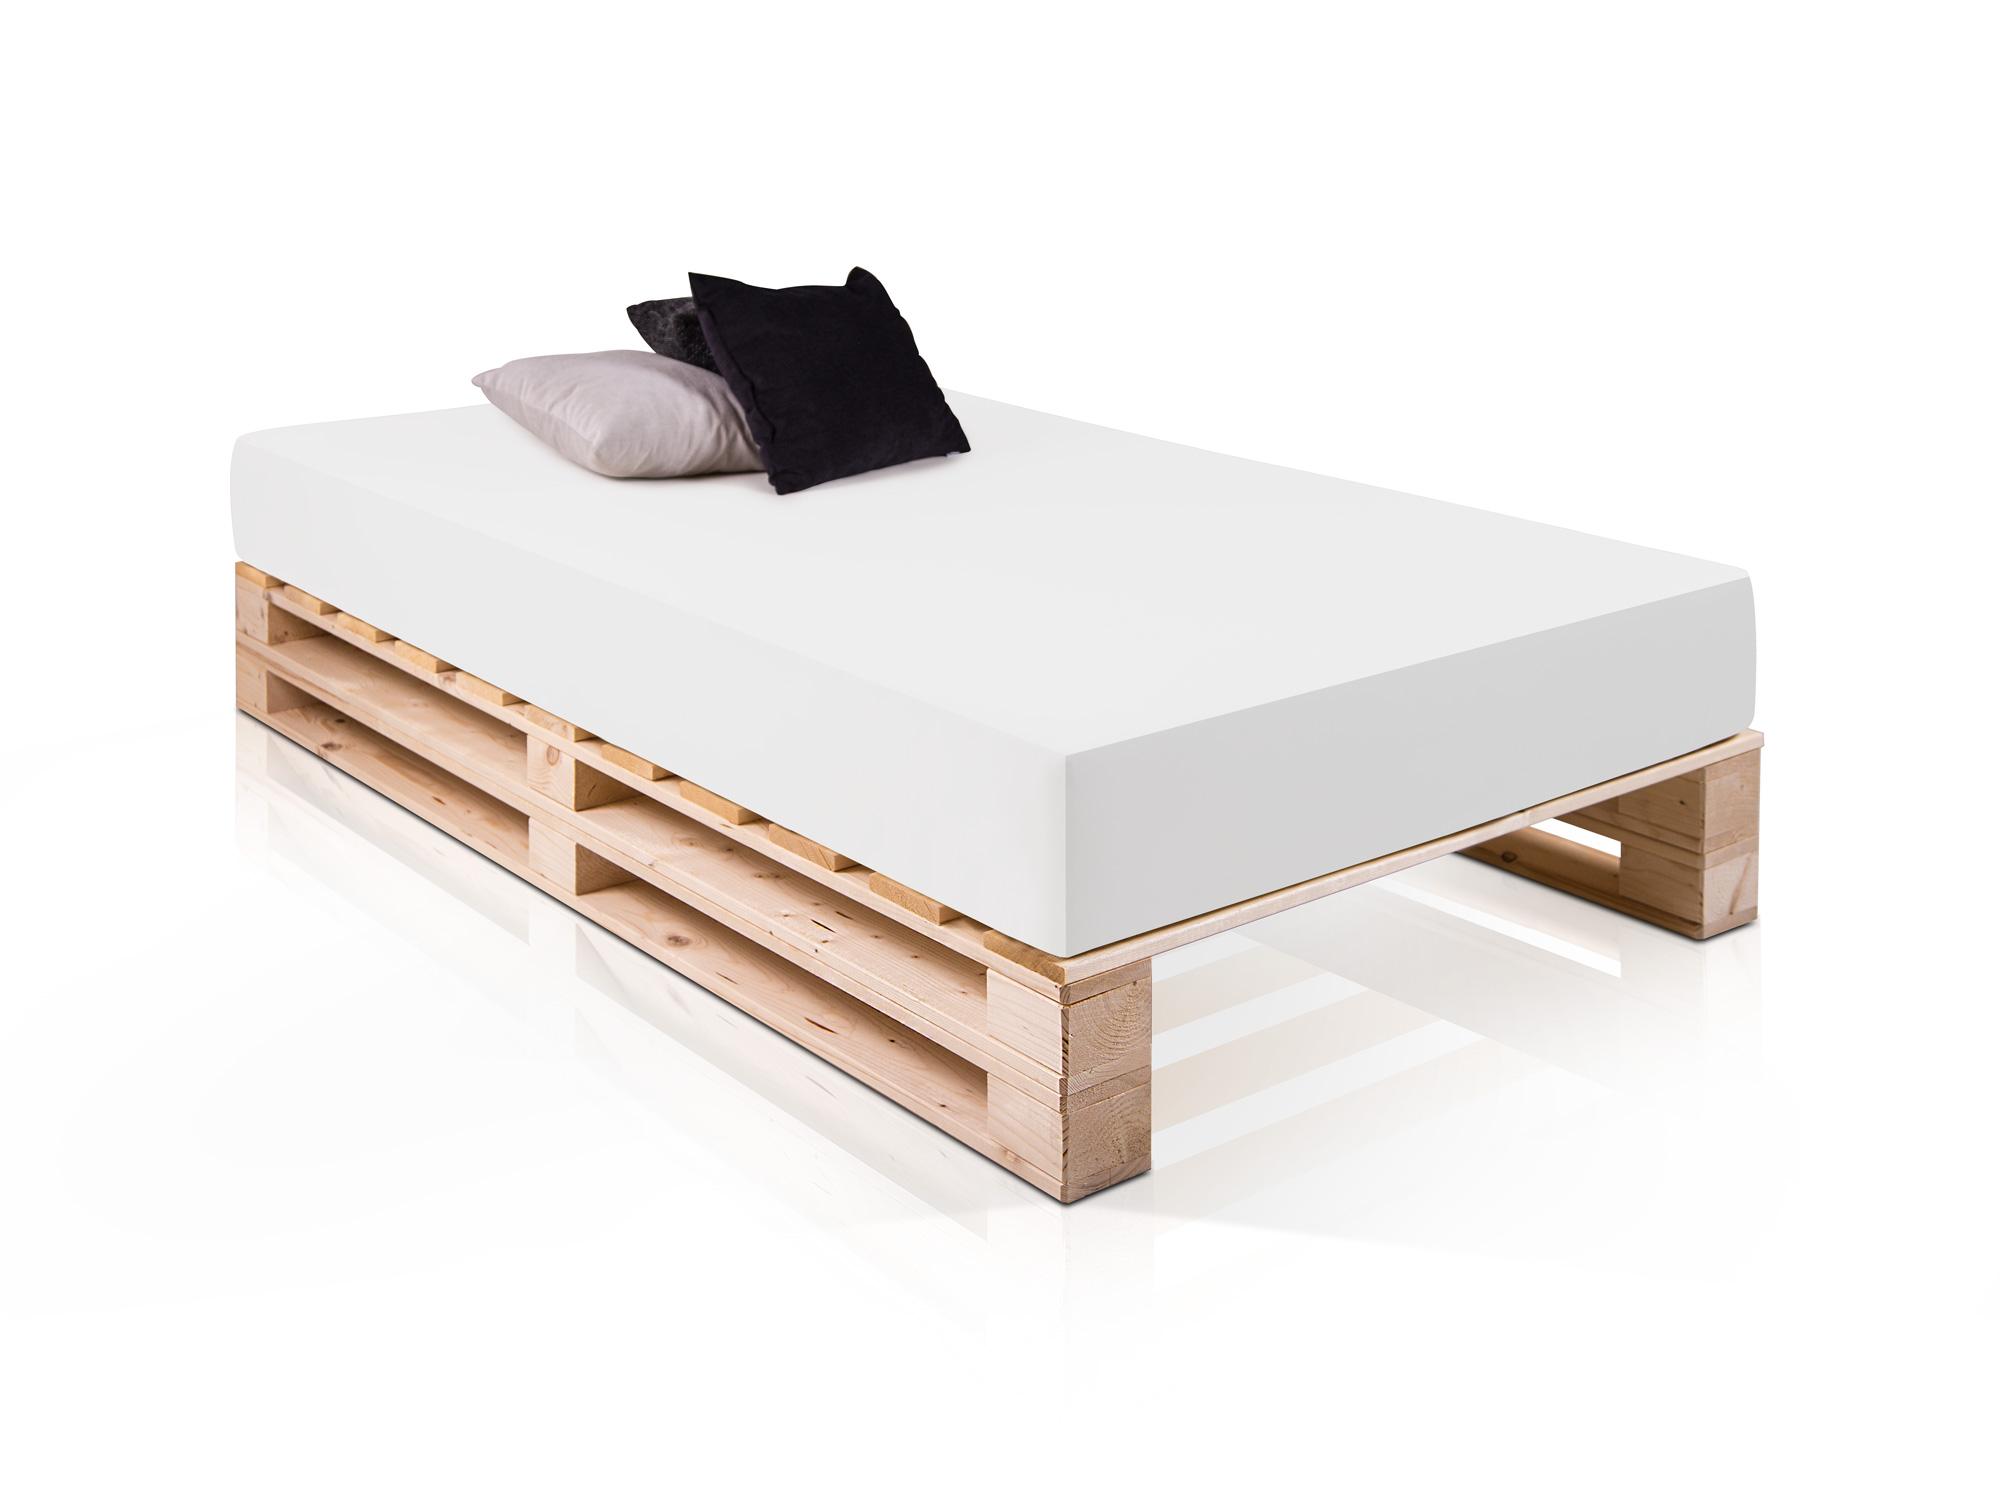 Full Size of Günstige Betten 140x200 Bett Breit Berlin Regal 25 Cm Konfigurieren Bette Floor Treca Im Schrank Günstig Kaufen Komforthöhe Hasena Bett Bett 120 Cm Breit